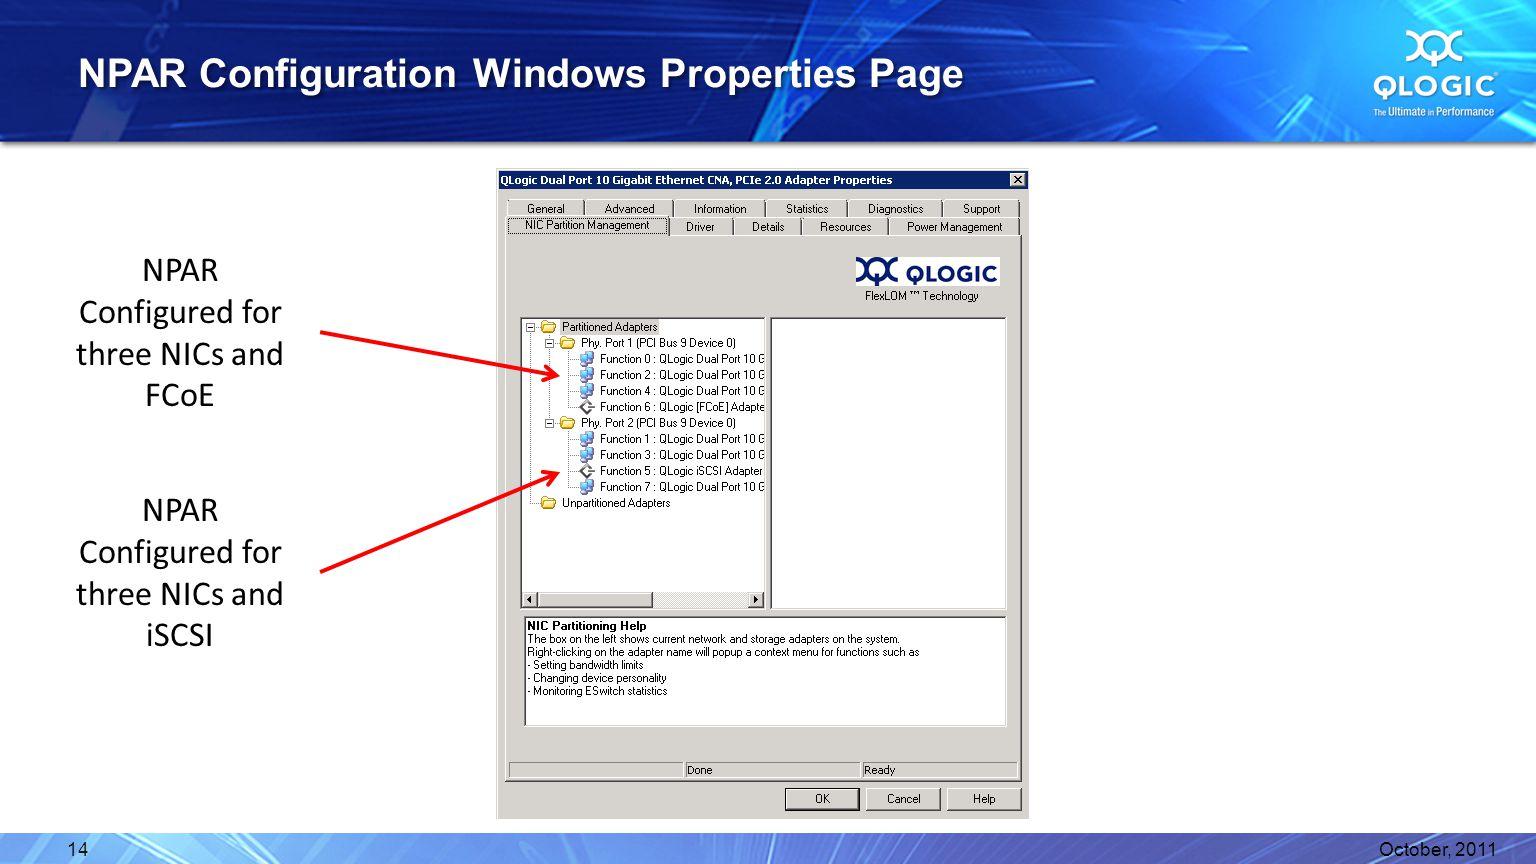 NPAR Configuration Windows Properties Page